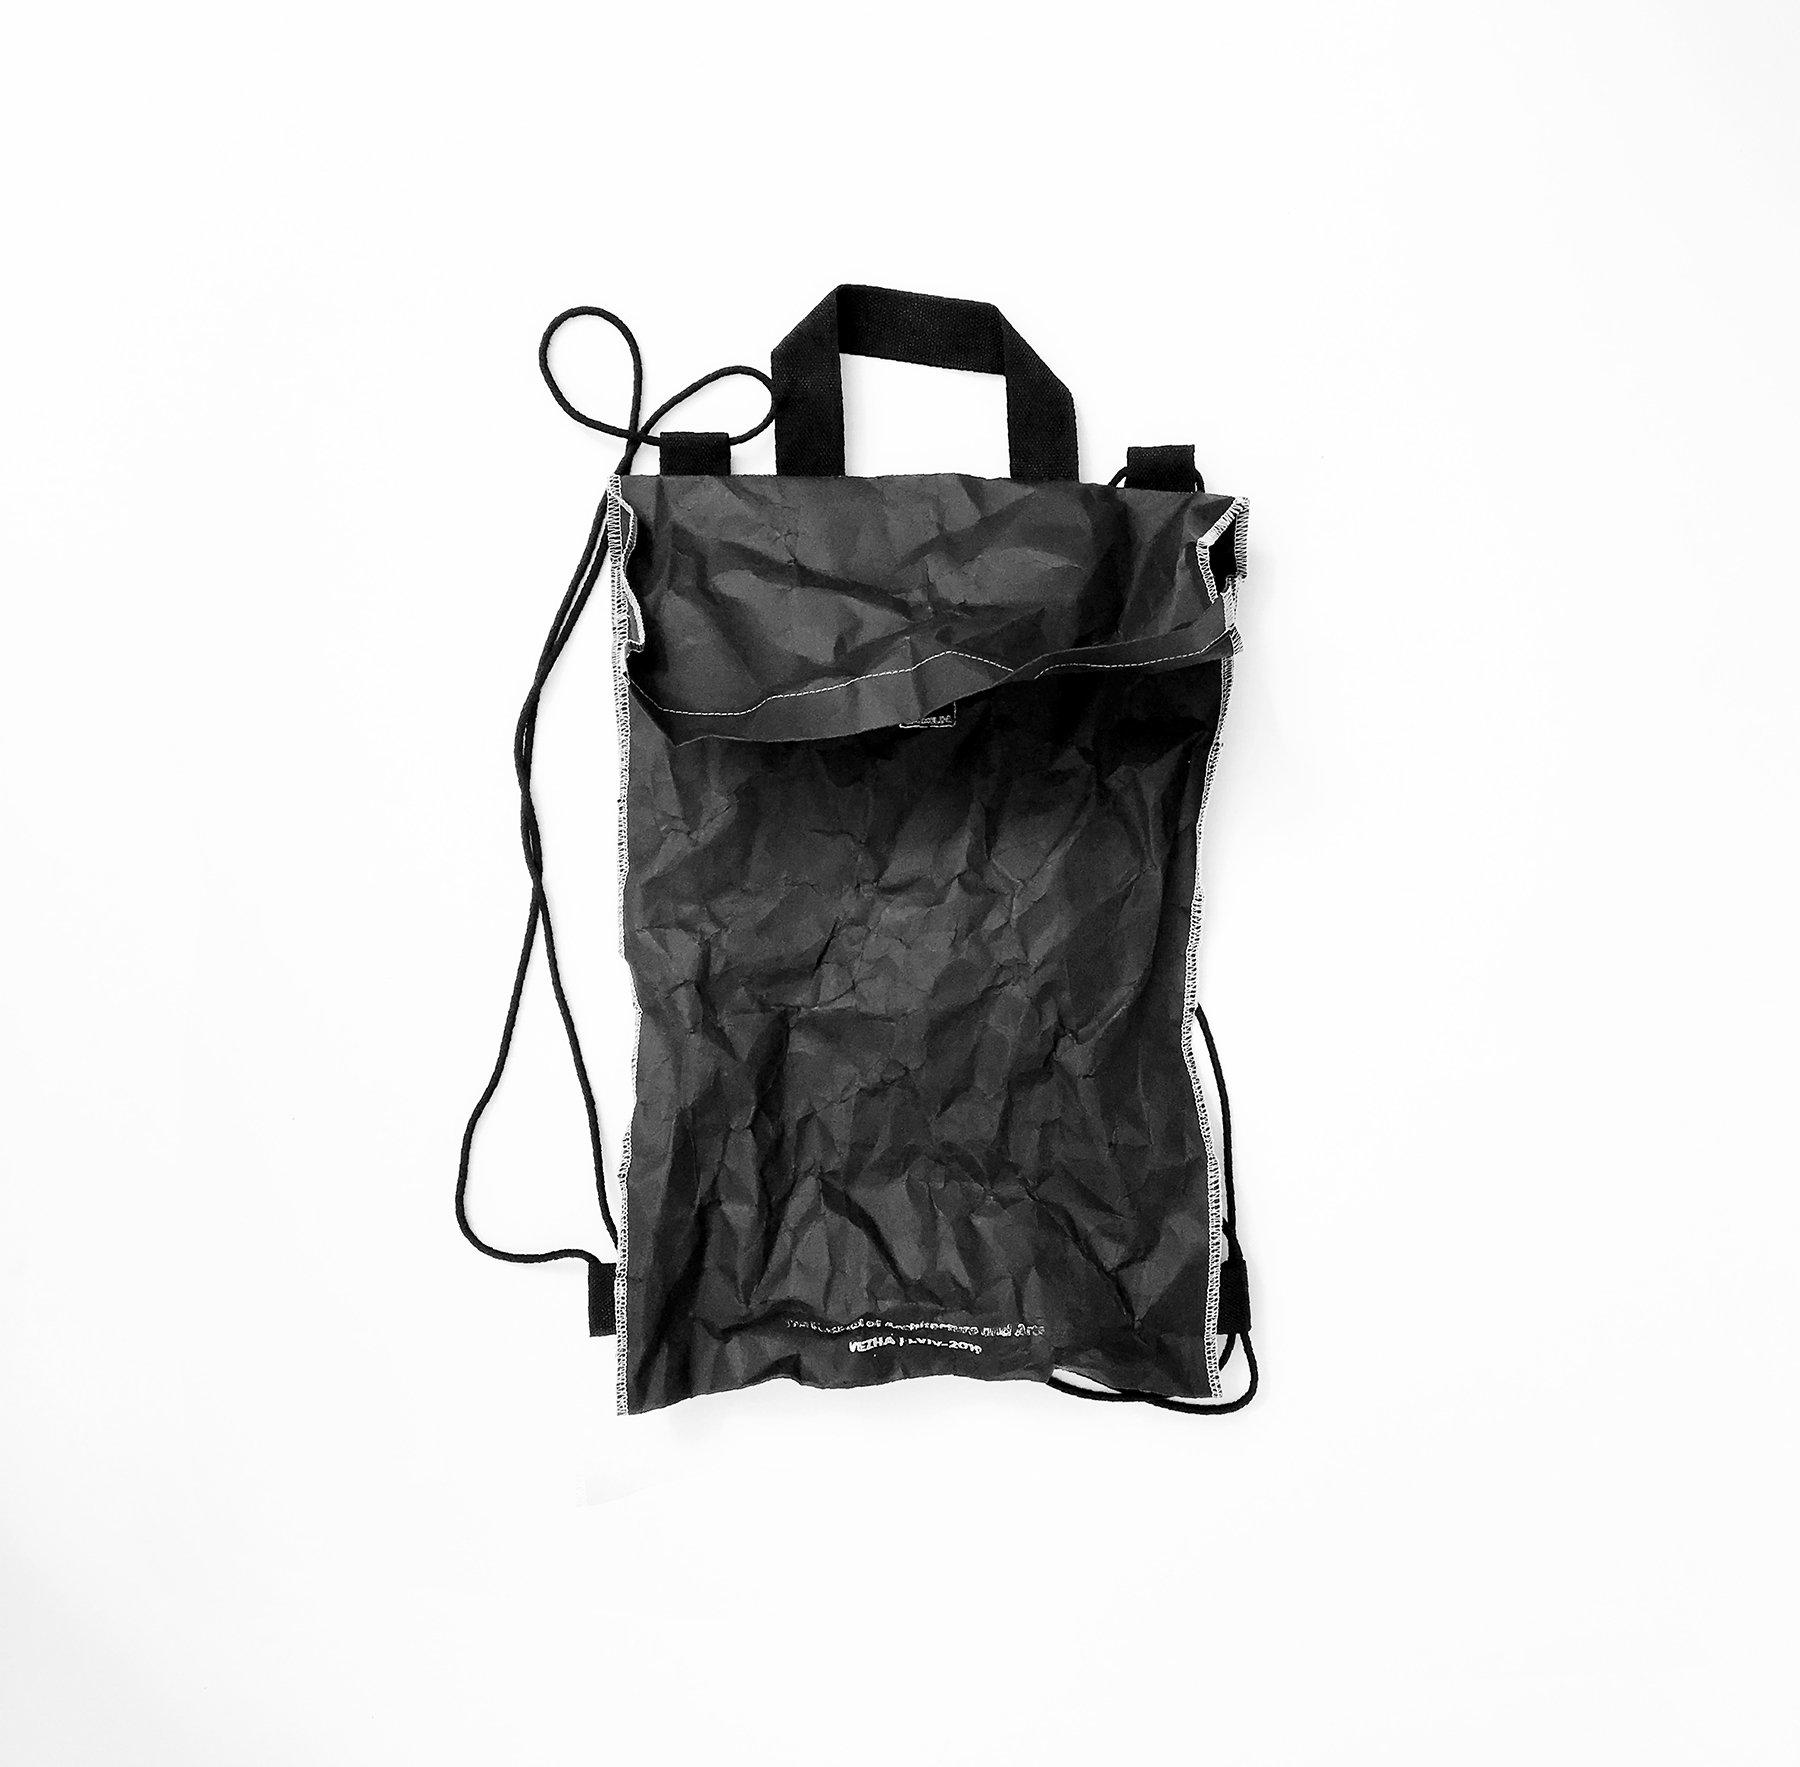 MORPHI BAG